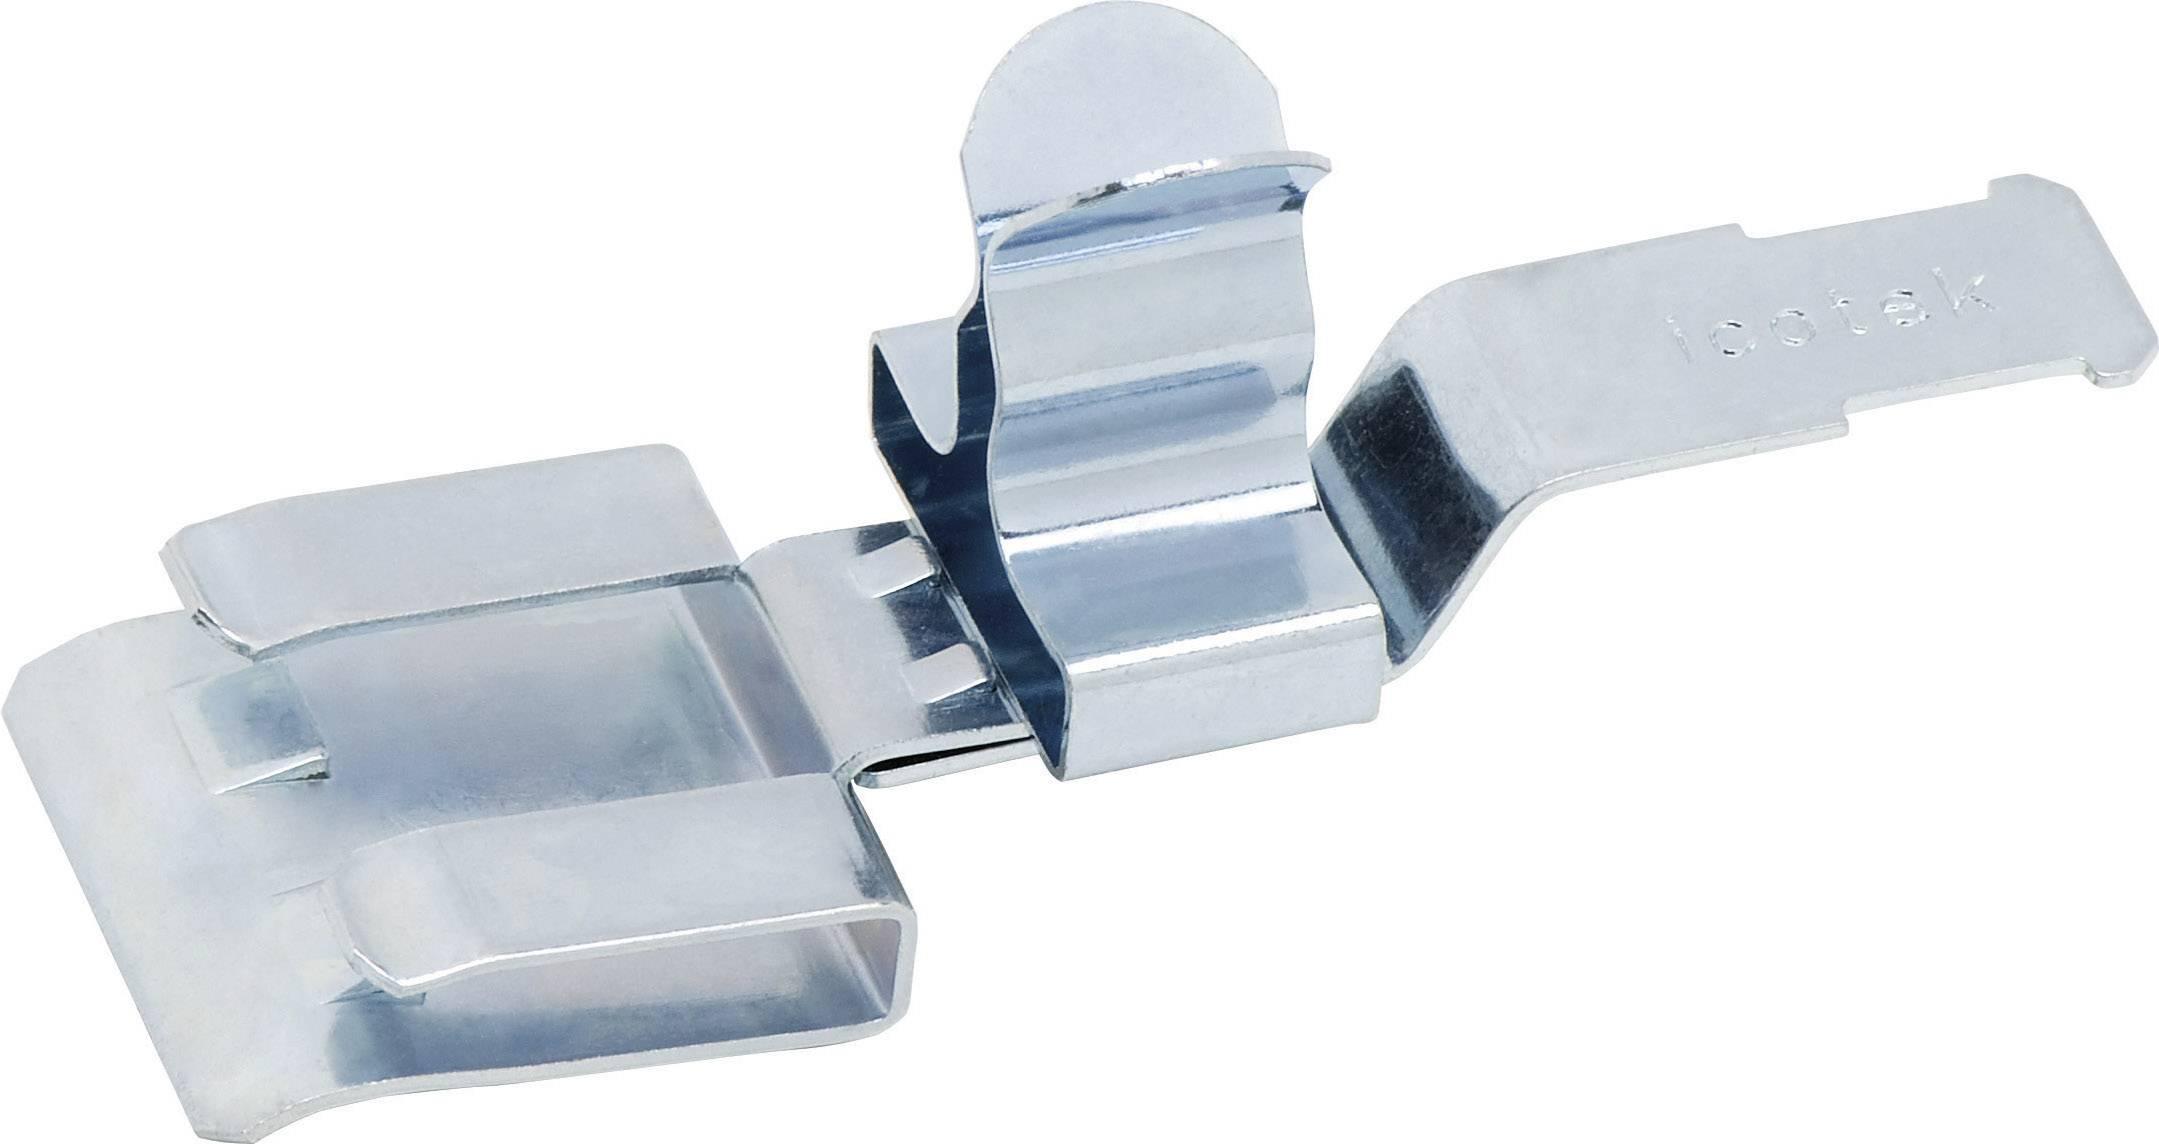 Icotek Zaščitna sponka PFZ PFZ|SKL 1,5-3 za kabel- 1.5 - 3 mm, pocinkano vzmetno jeklo